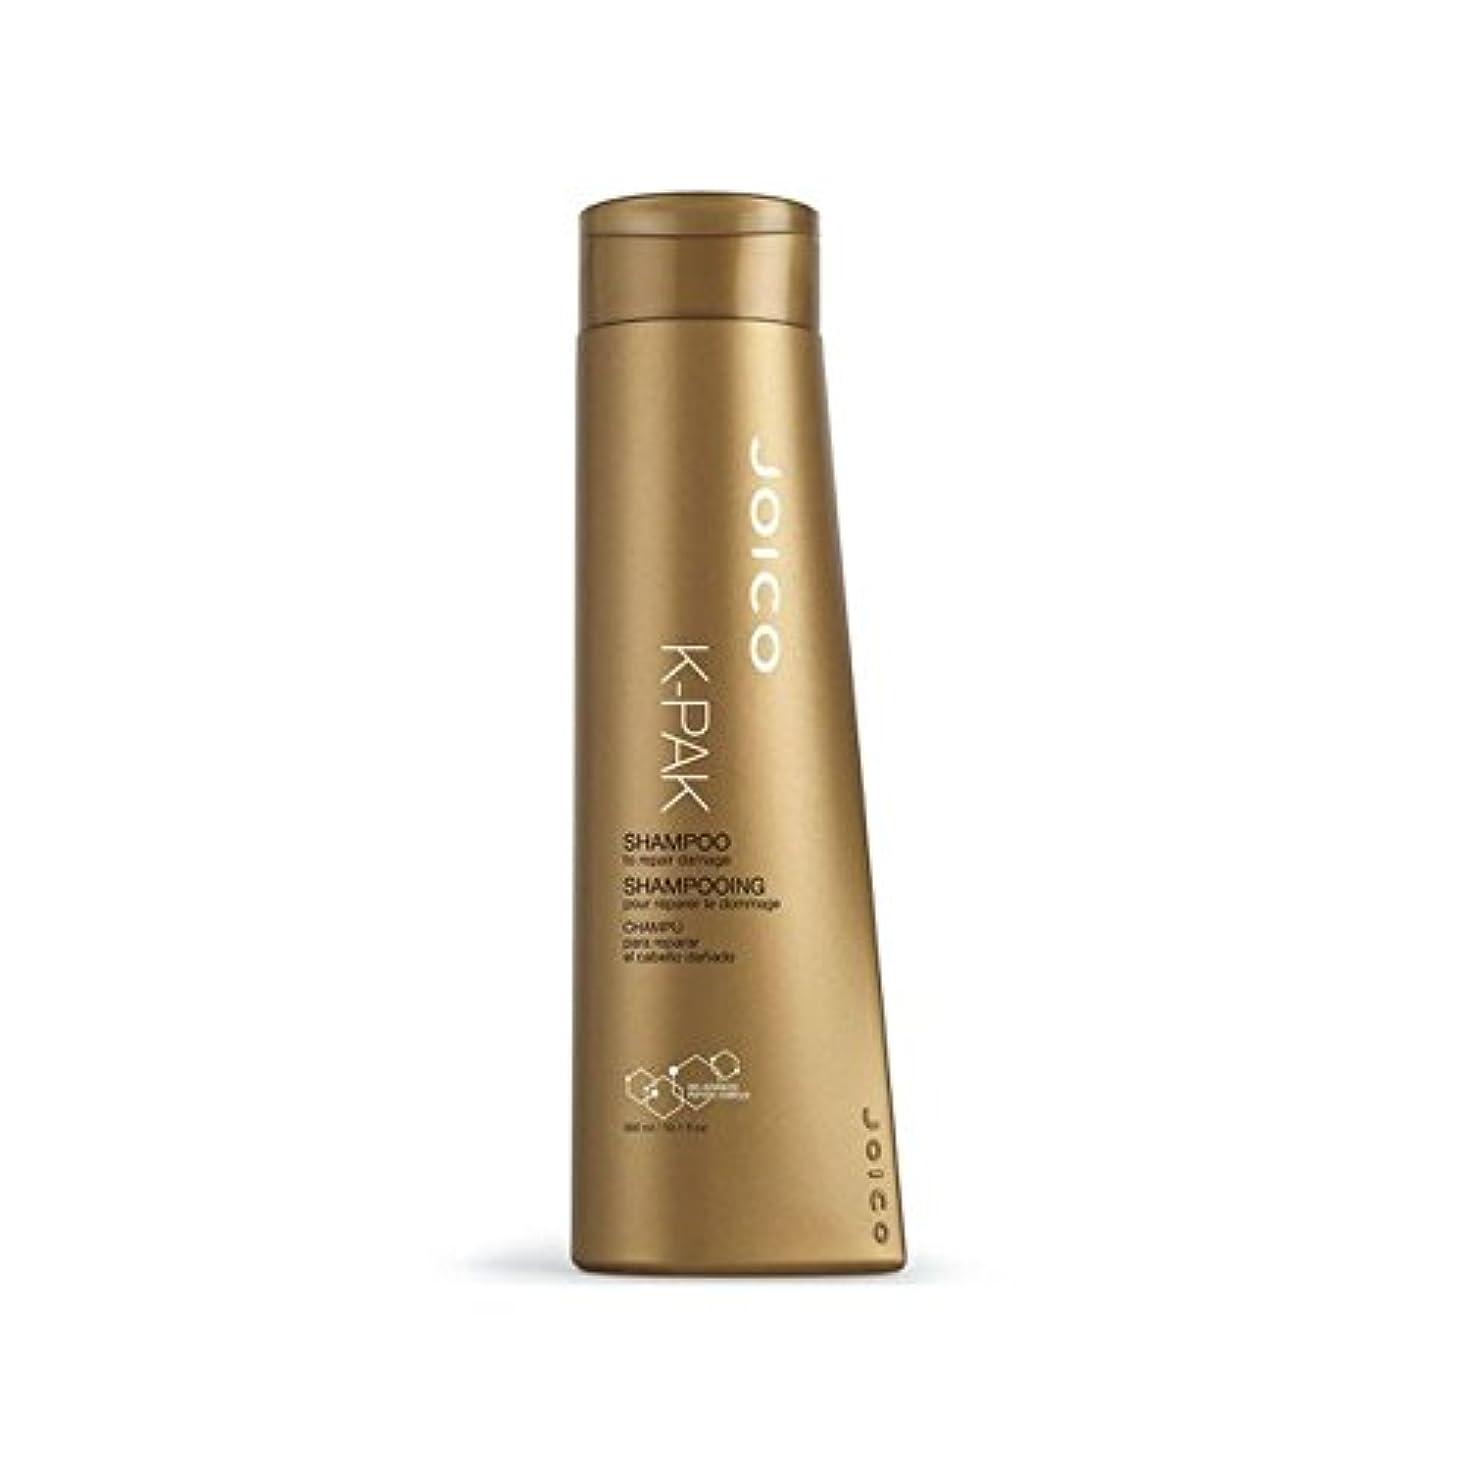 シャンパン矢安定したジョイコ-のシャンプー300ミリリットル x2 - Joico K-Pak Shampoo 300ml (Pack of 2) [並行輸入品]